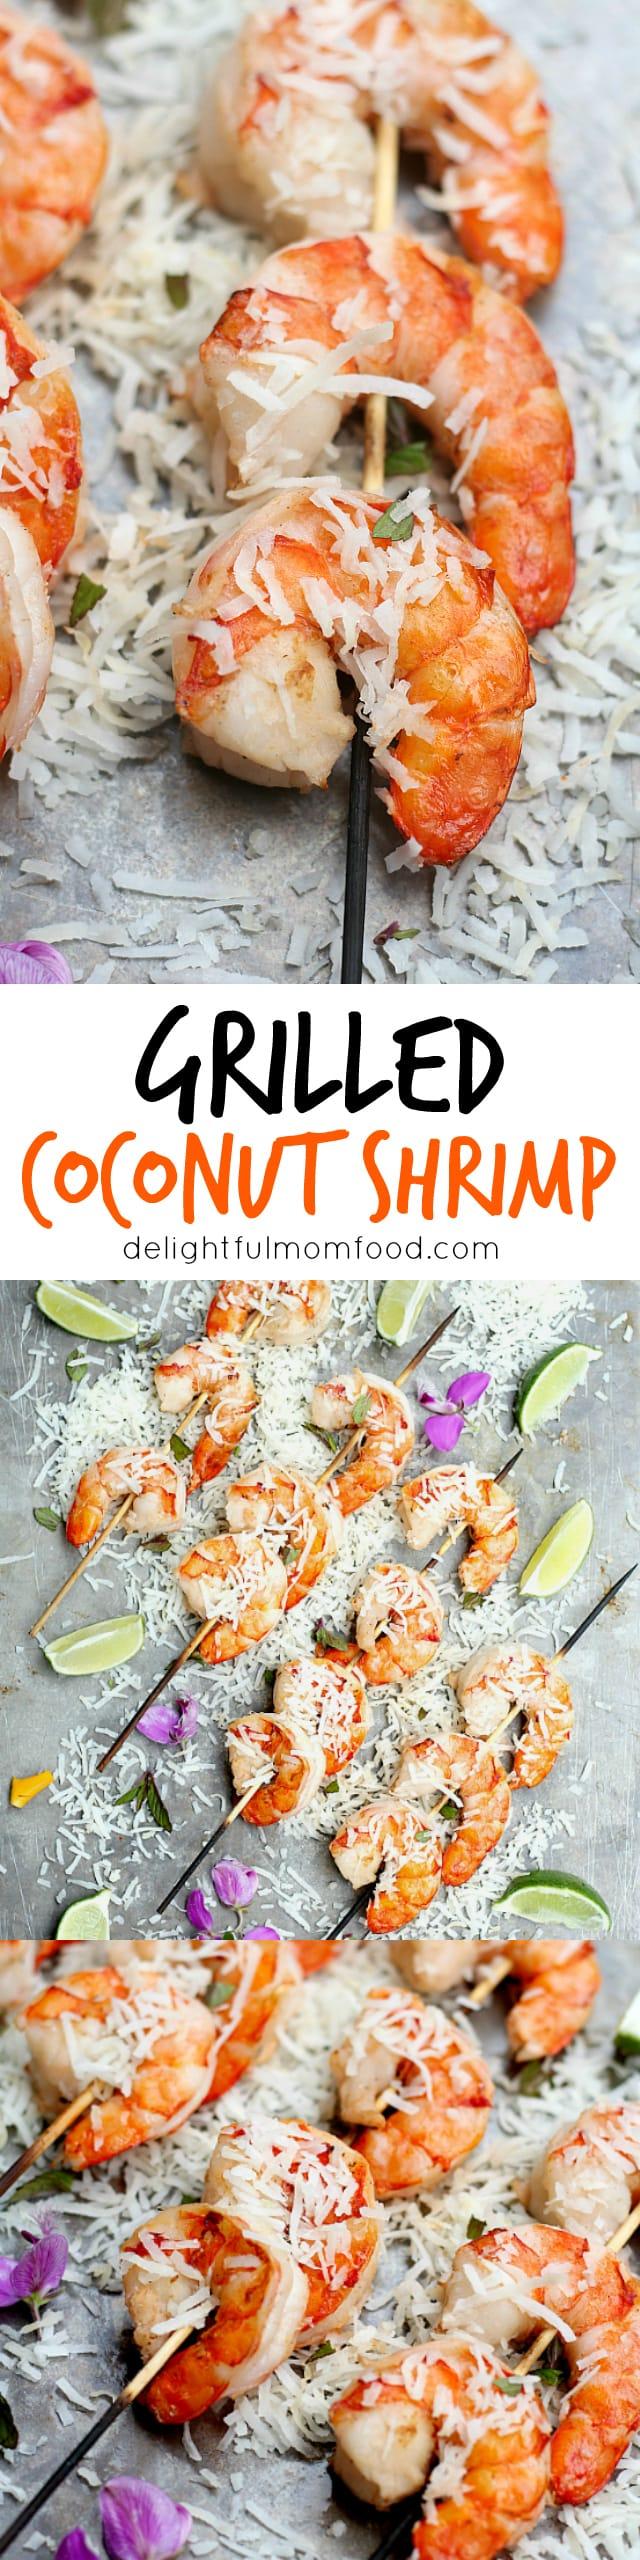 Coconut milk shrimp skewers recipe